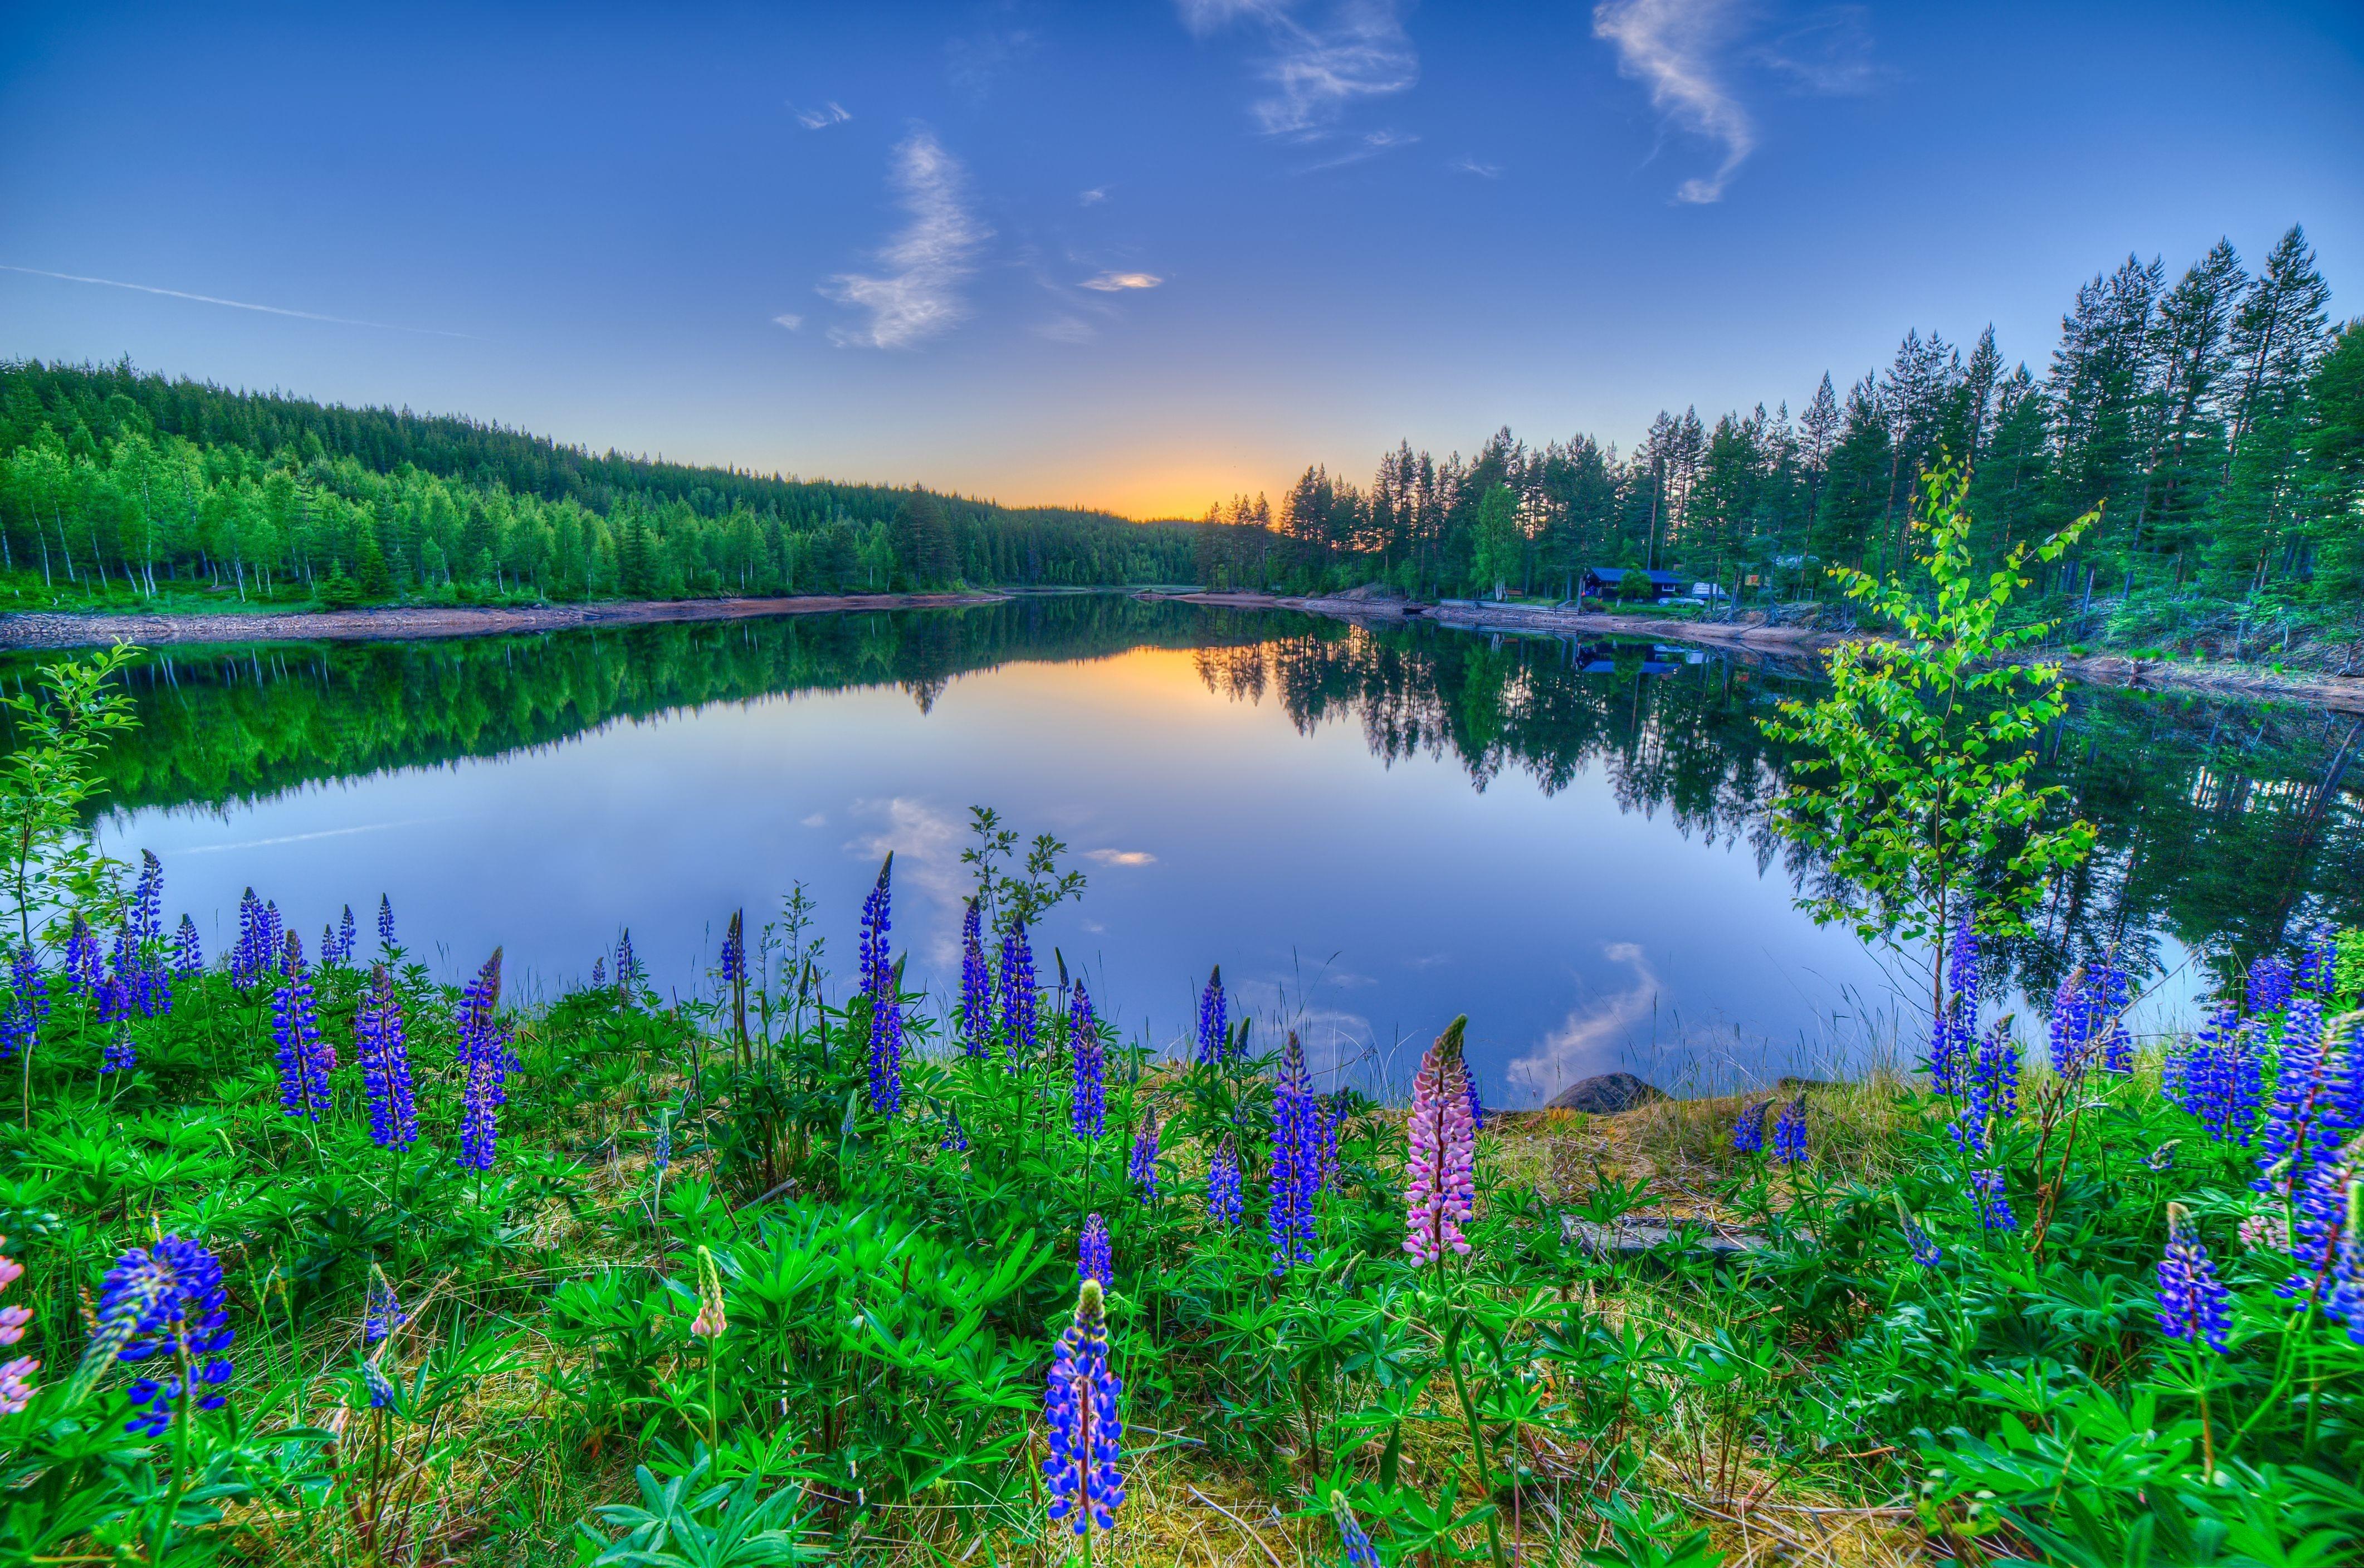 вам анимационные красивые фото про природу и цветы сайт